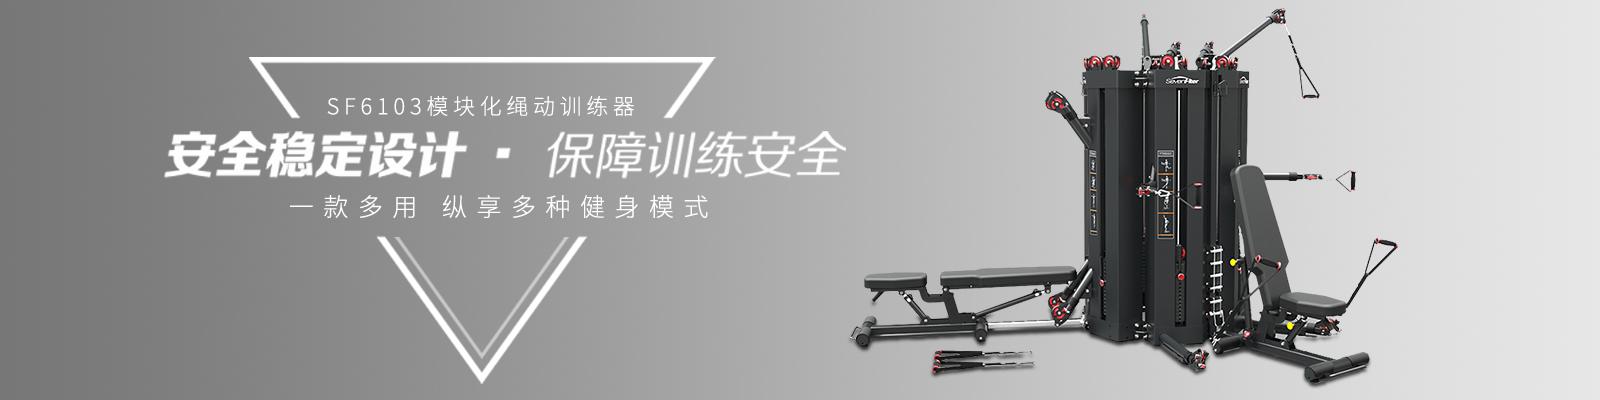 上海途健体育发展有限公司